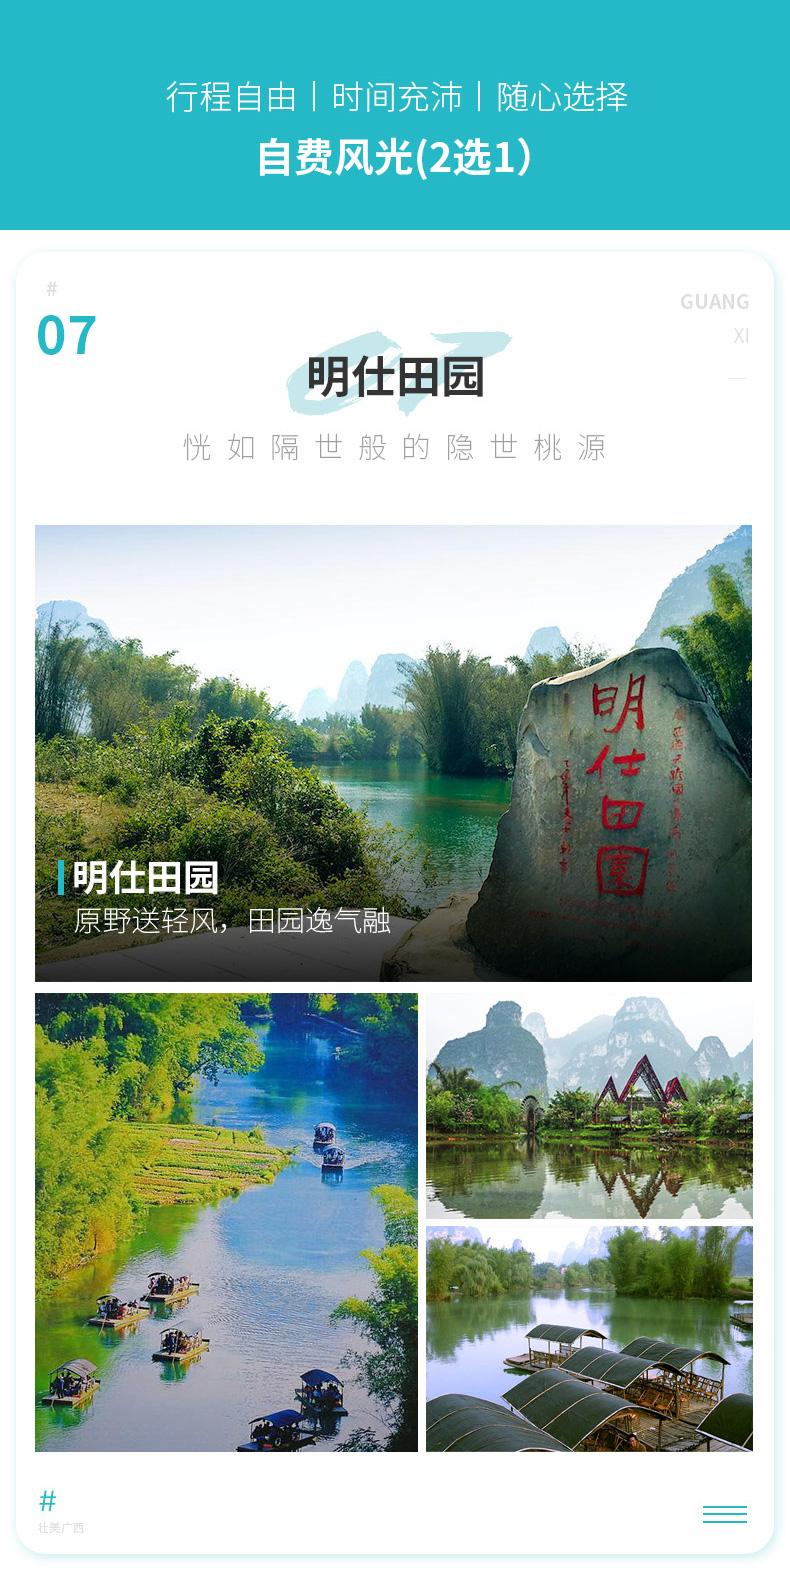 德天-通灵-巴马-3日游-小程序版本_08.jpg